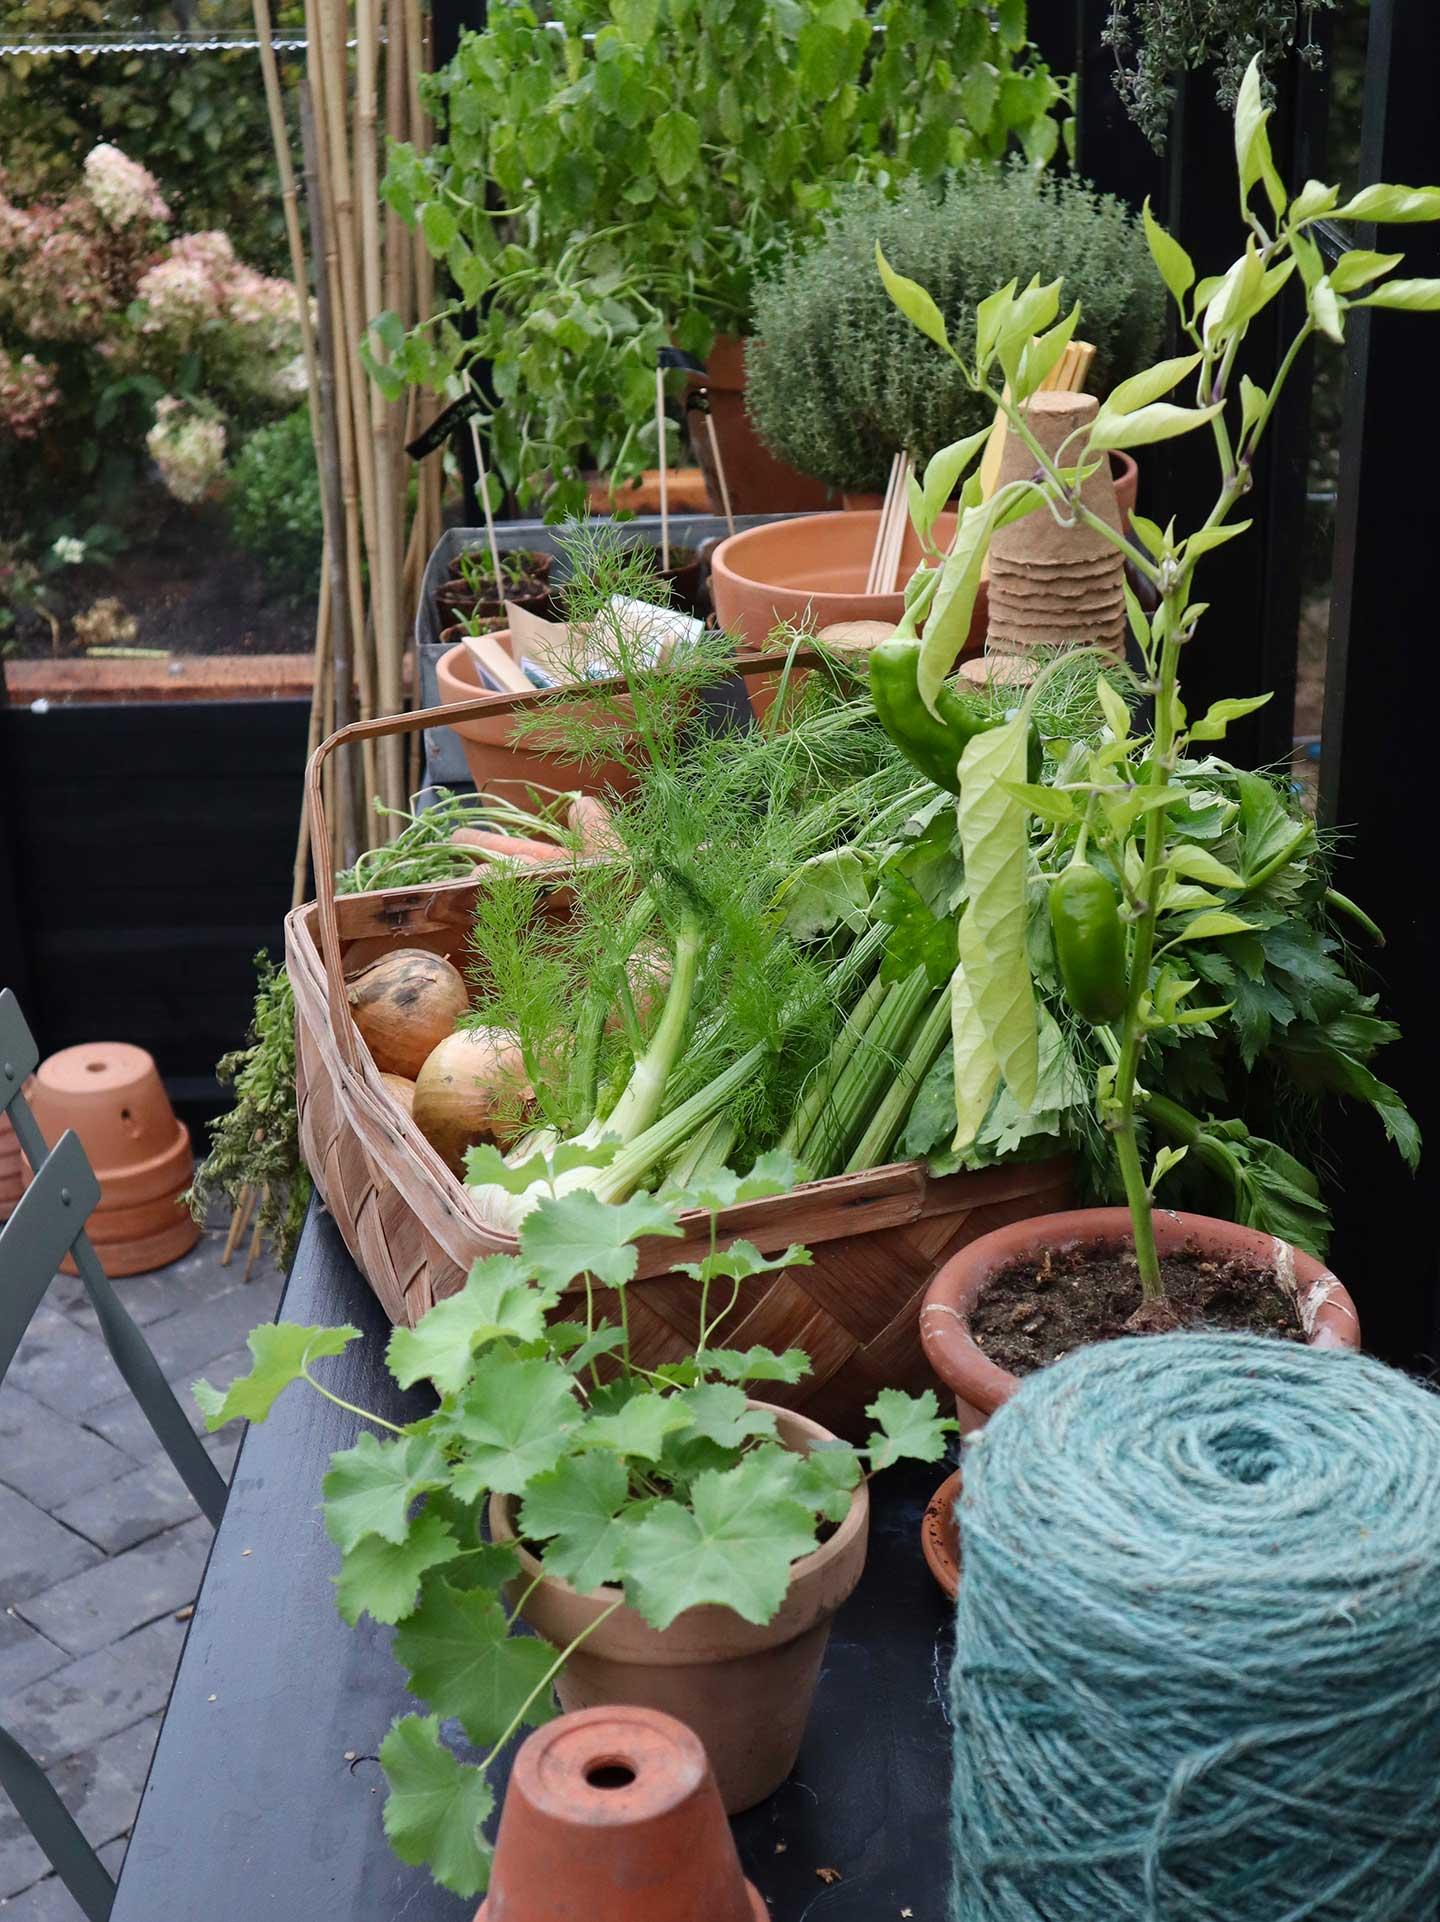 Bord med grøntsagskurv og planter i The Greenery